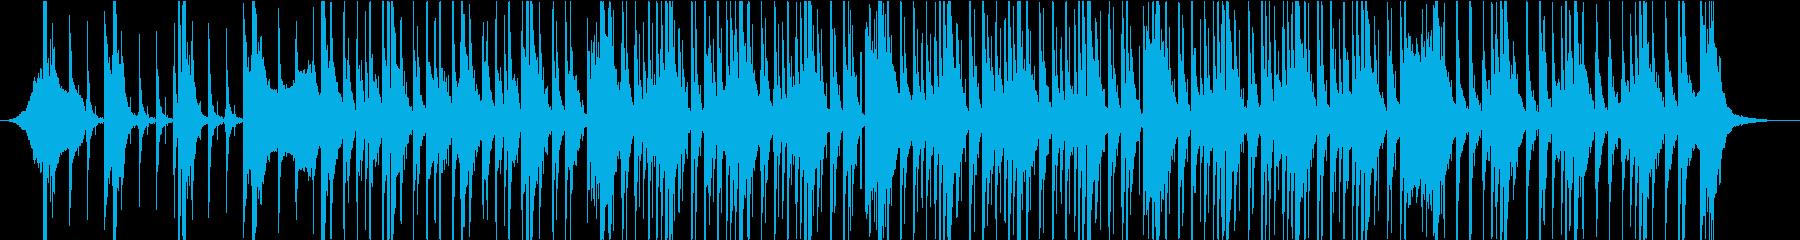 迫力あるパーカッションBGMの再生済みの波形